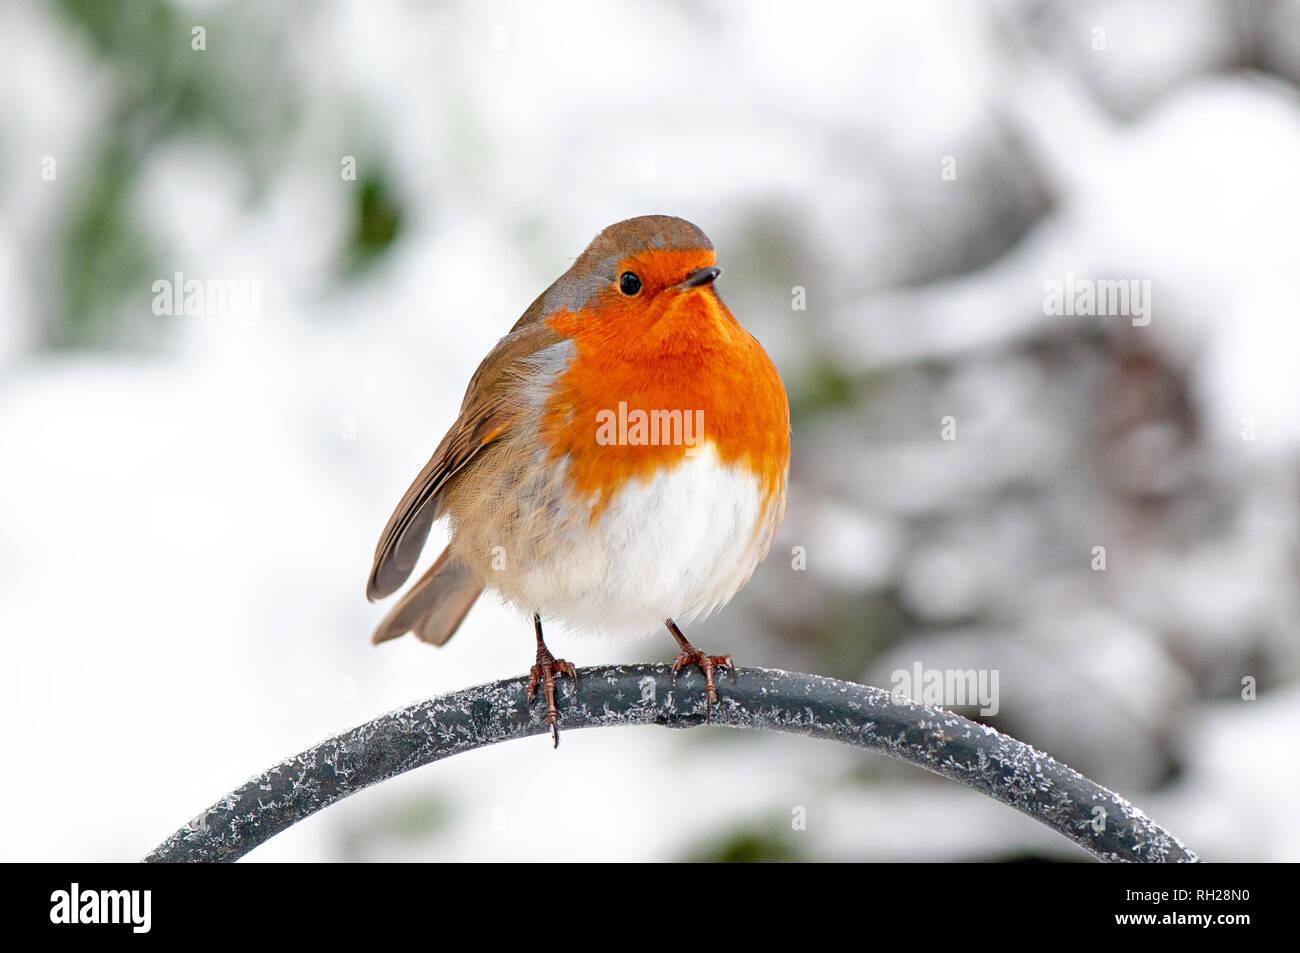 Image en gros plan d'une poitrine rouge merle perché dans la neige de l'hiver Banque D'Images